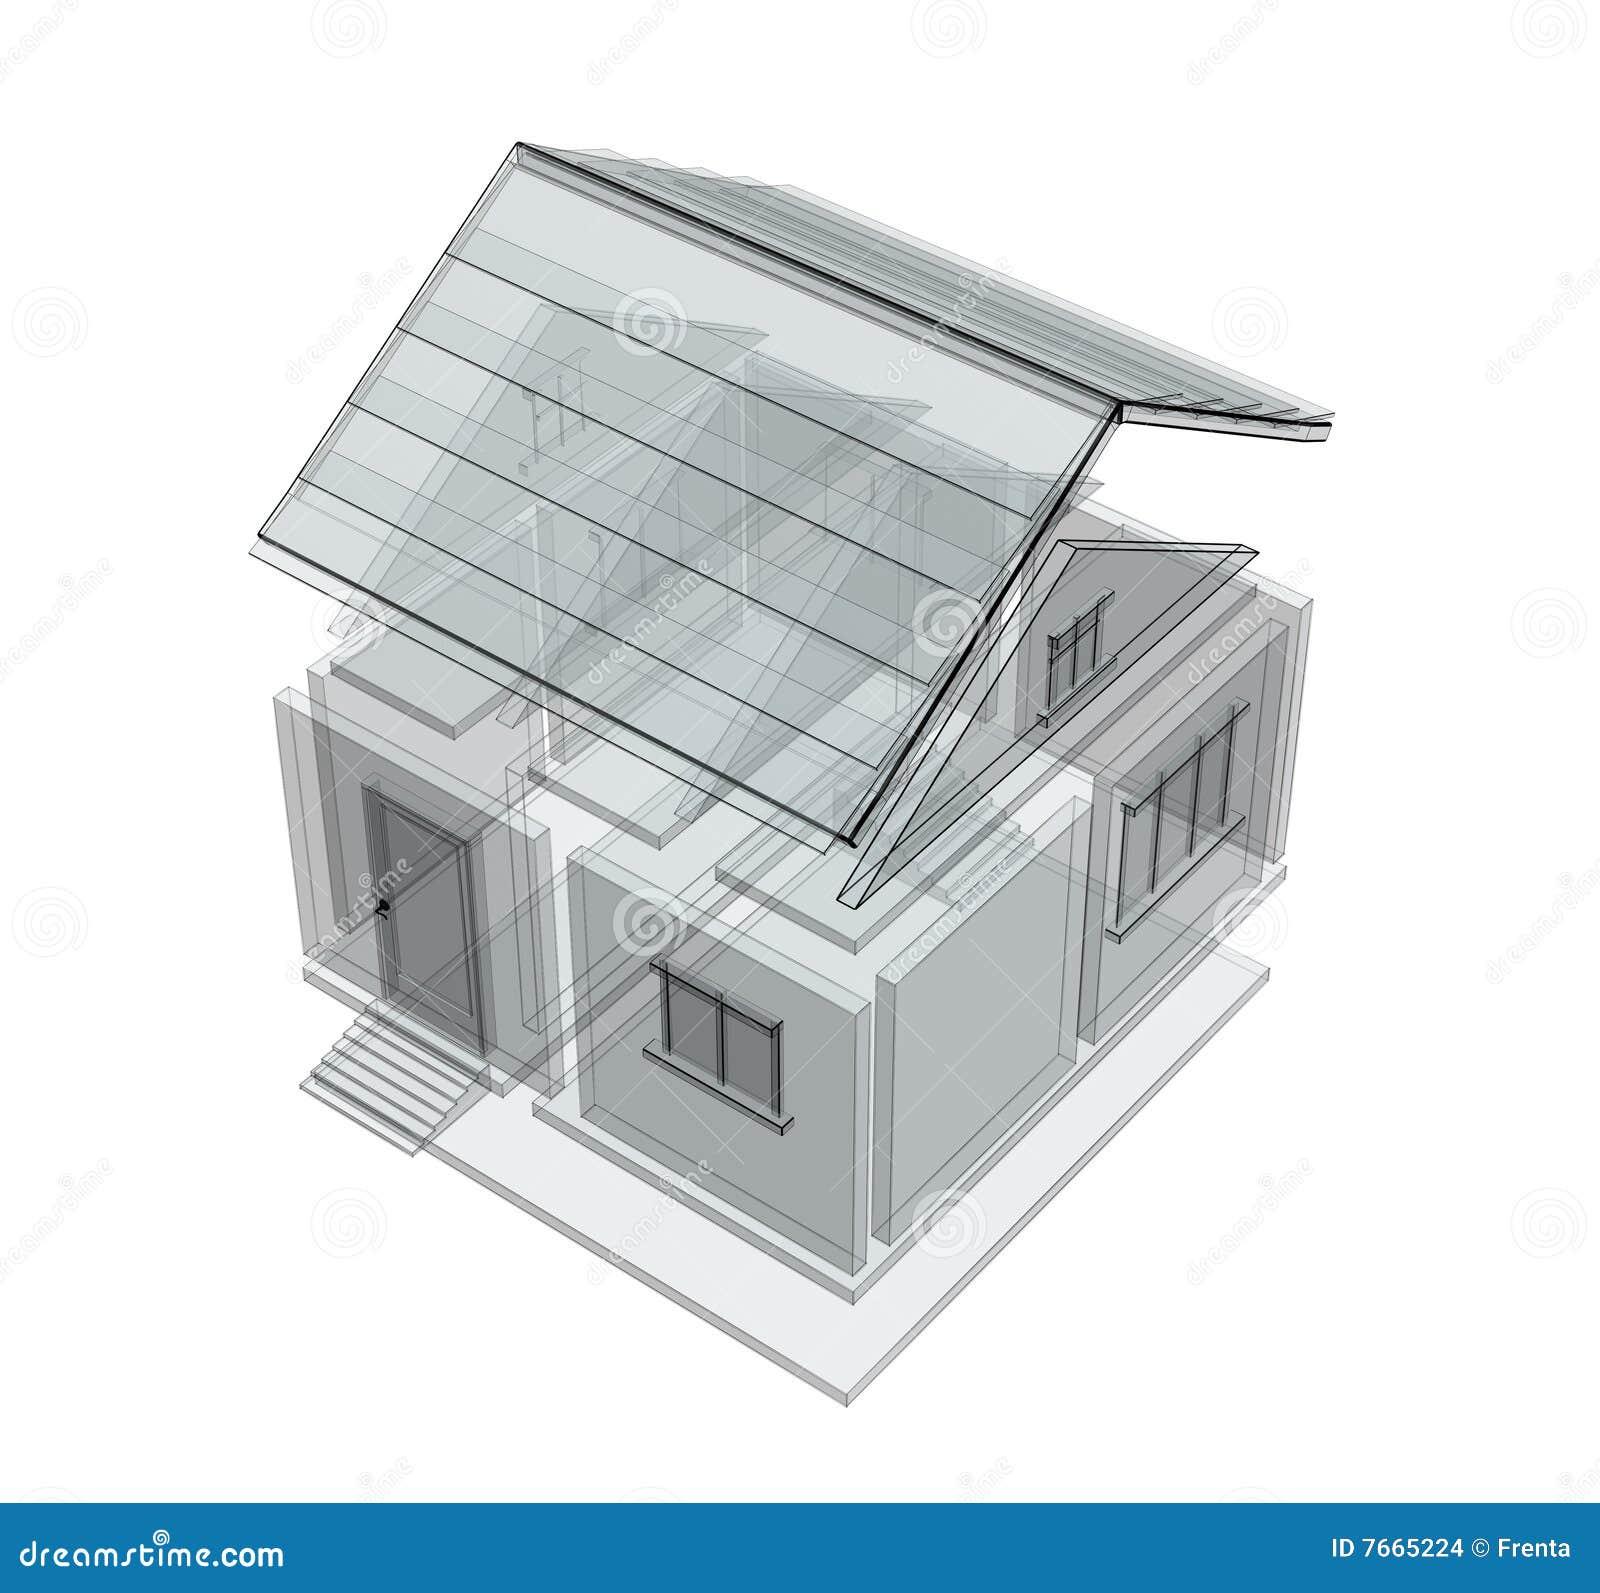 Croquis 3d d 39 une maison images stock image 7665224 for Croquis d une maison